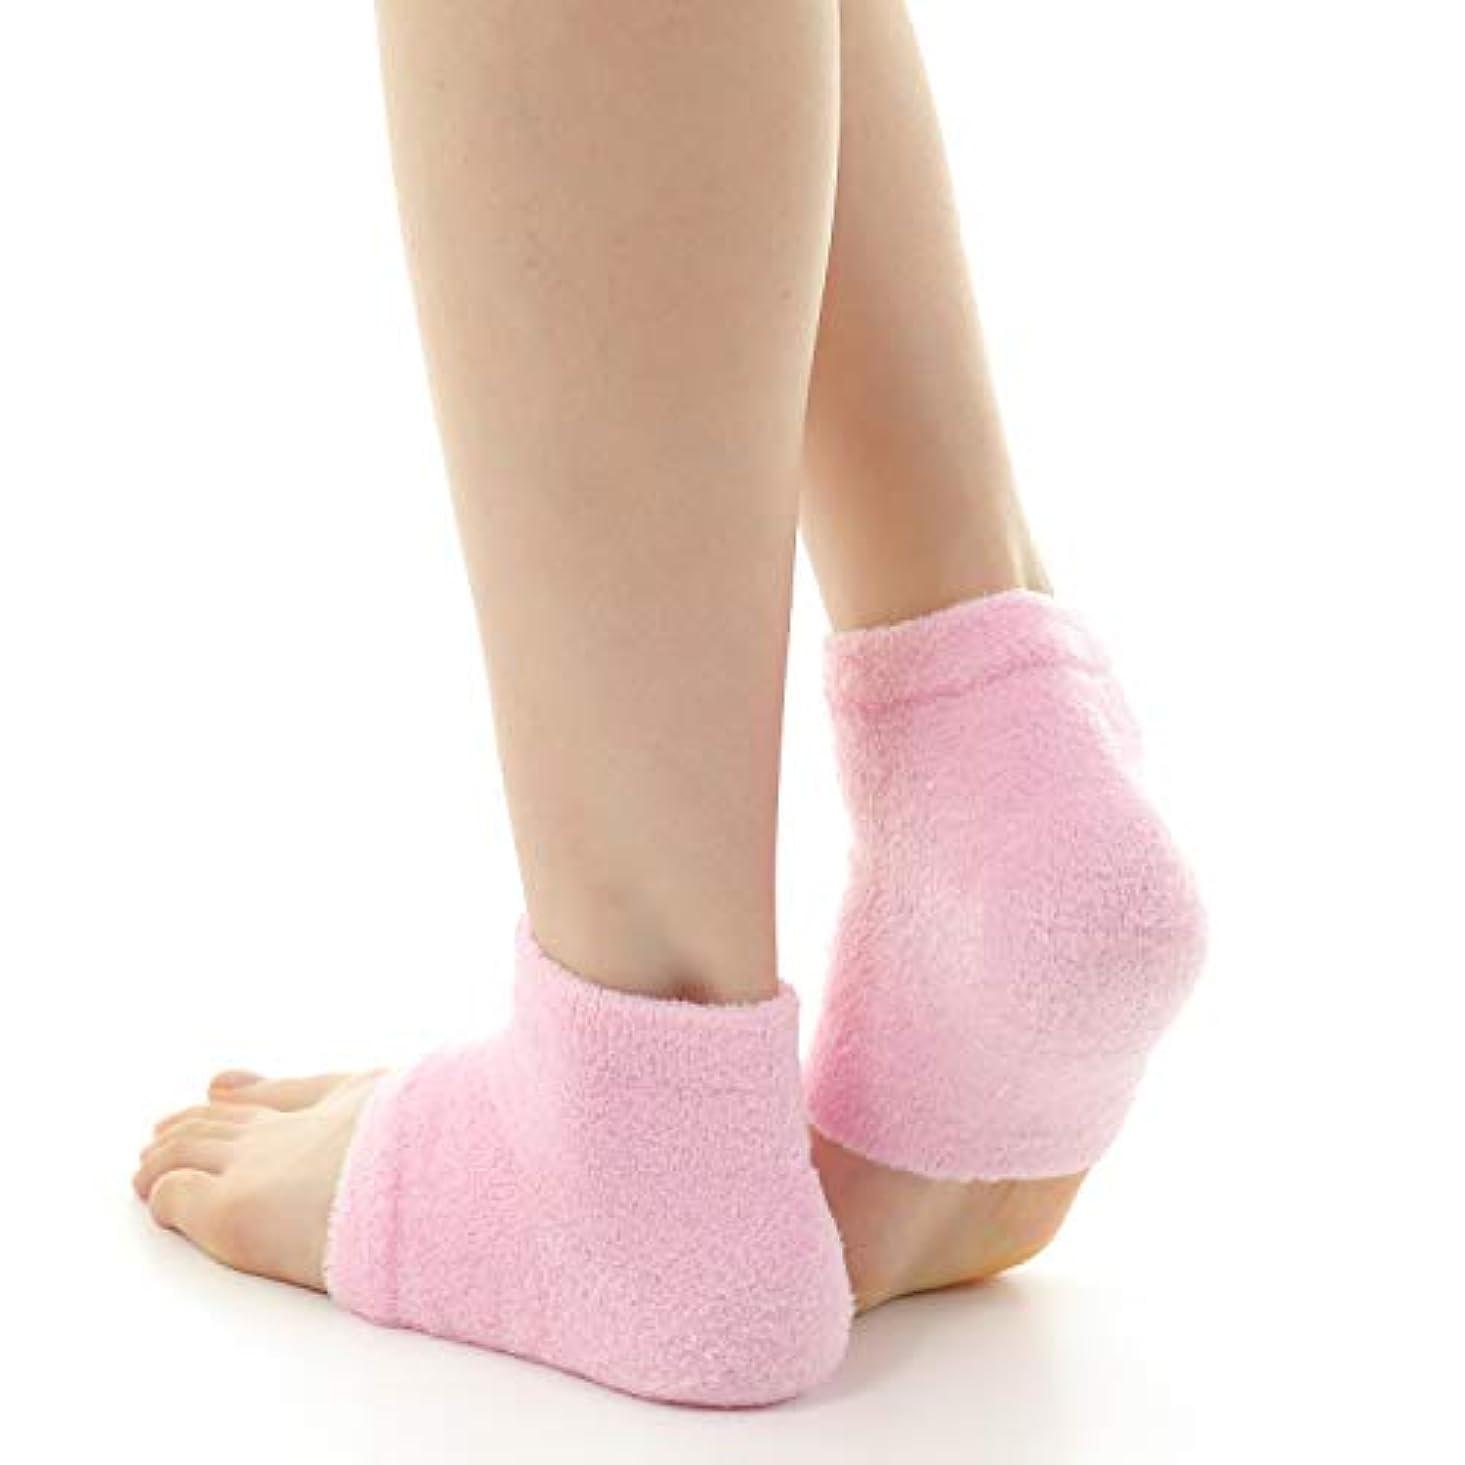 疼痛学期落ち着くドットジャパン かかとケア ぷるもこ ジェルソックス サポーター ひび割れ 角質取り 保湿 靴下 フリーサイズ (ピンク)